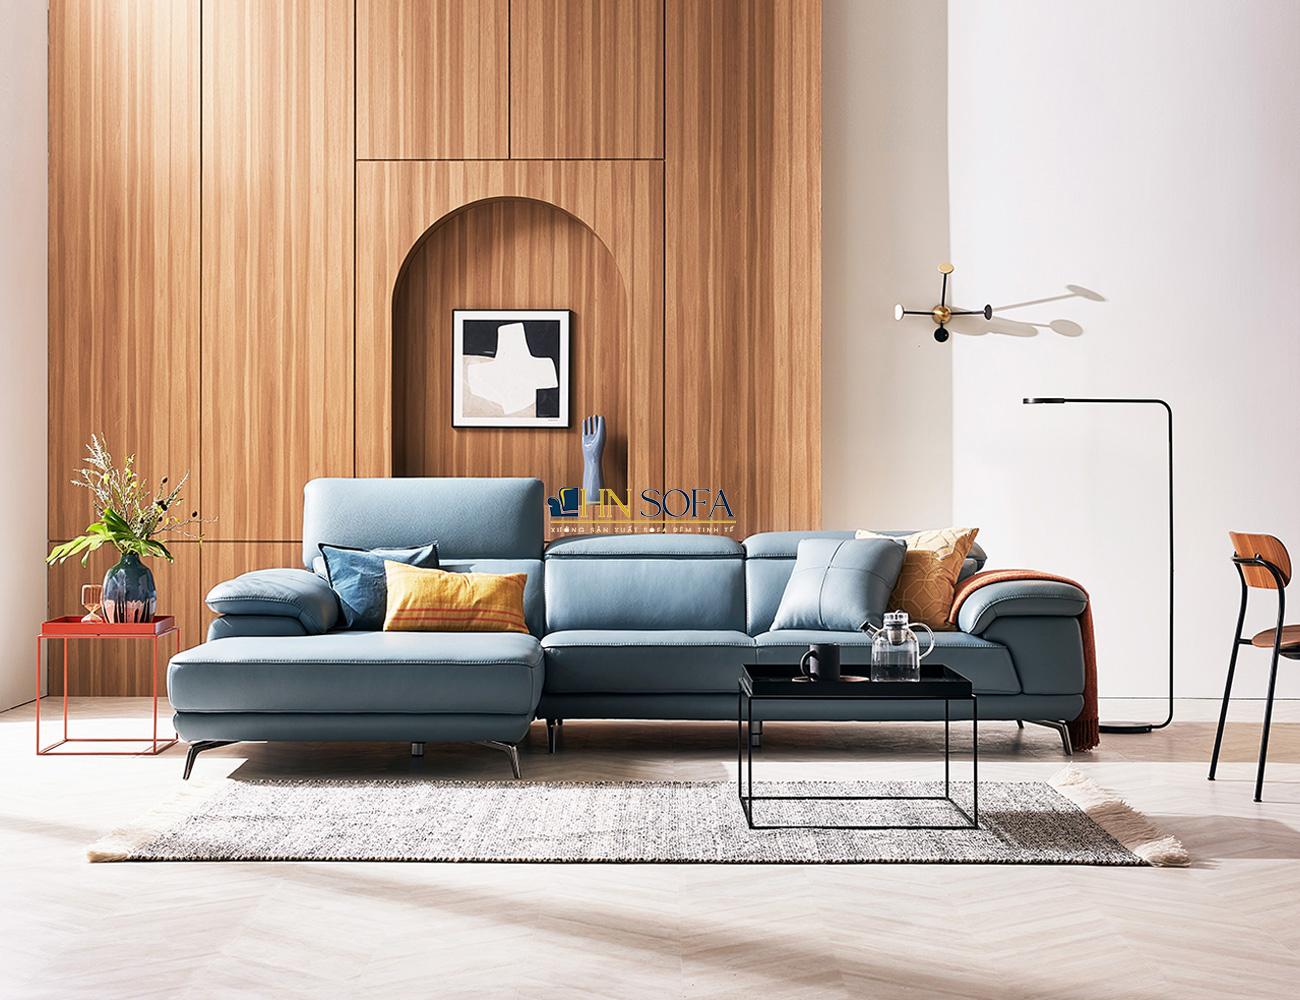 Sofa xanh dương hiện đại HNS41